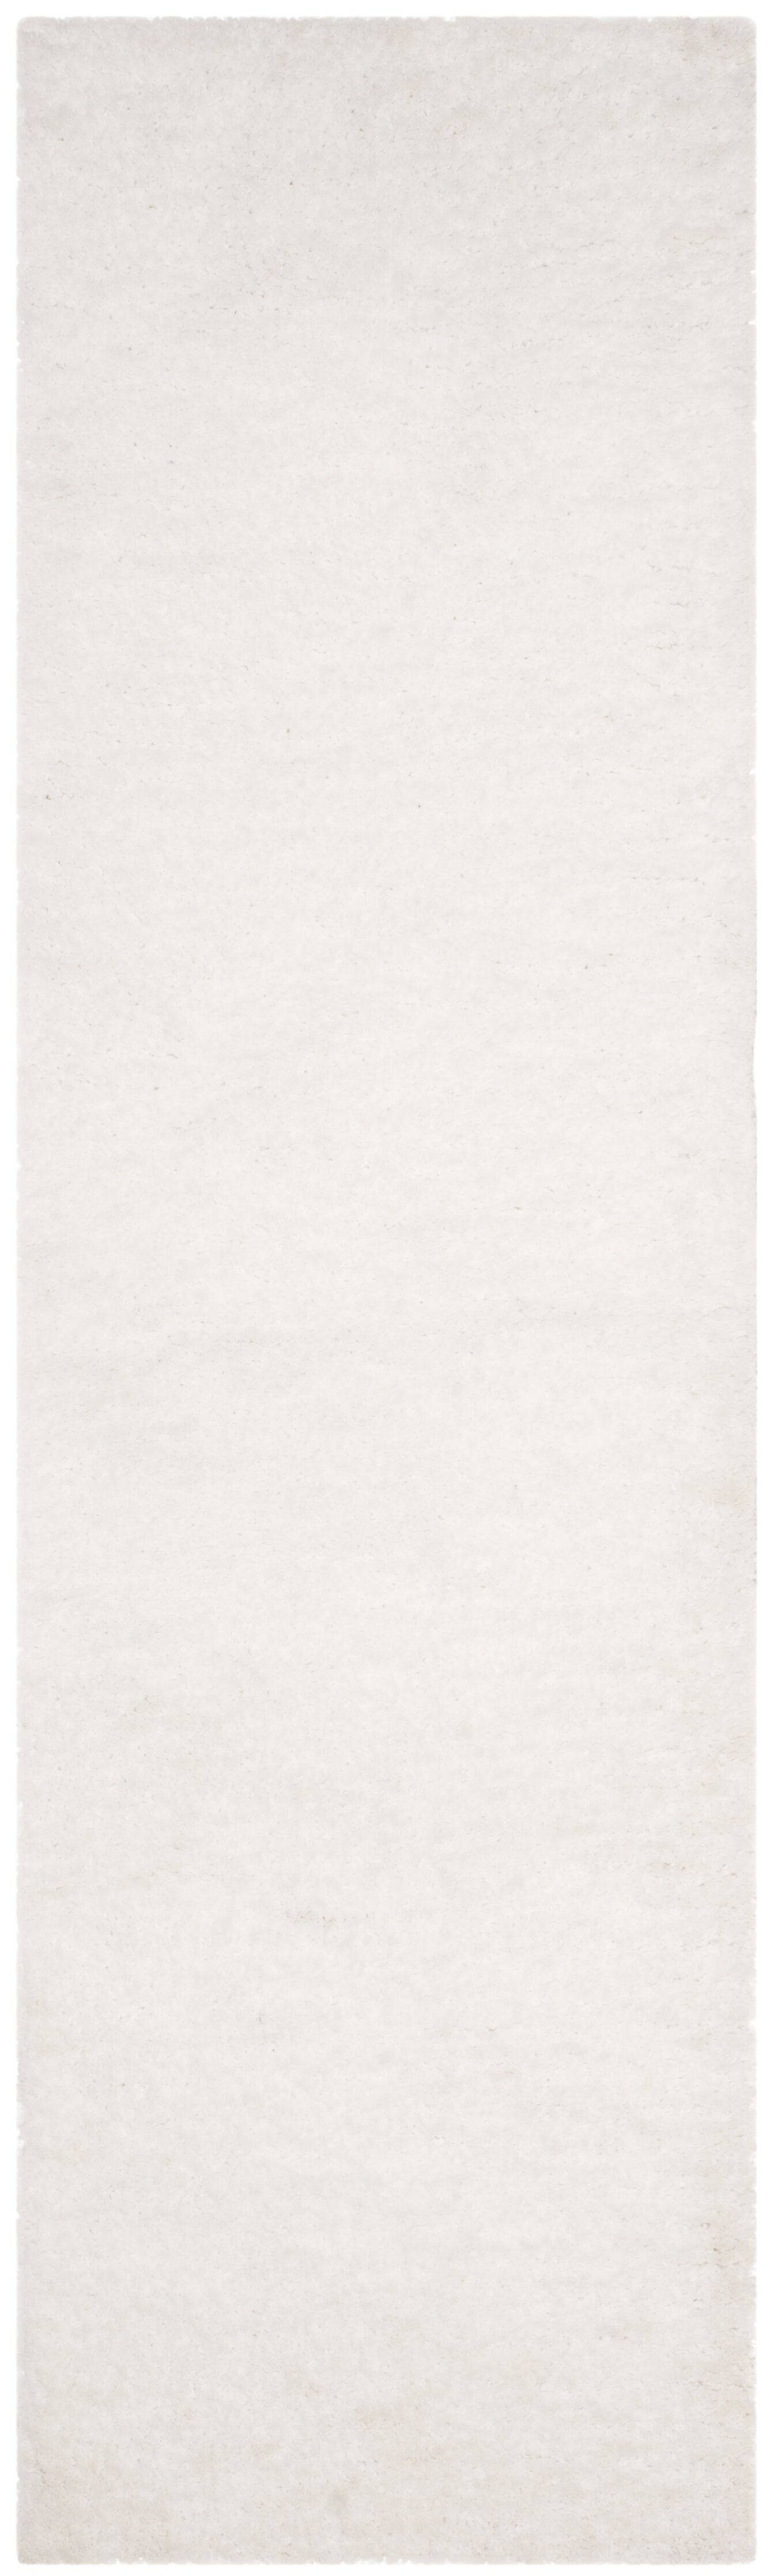 Detweiler Hand-Tufted White Area Rug Rug Size: Runner 2'3